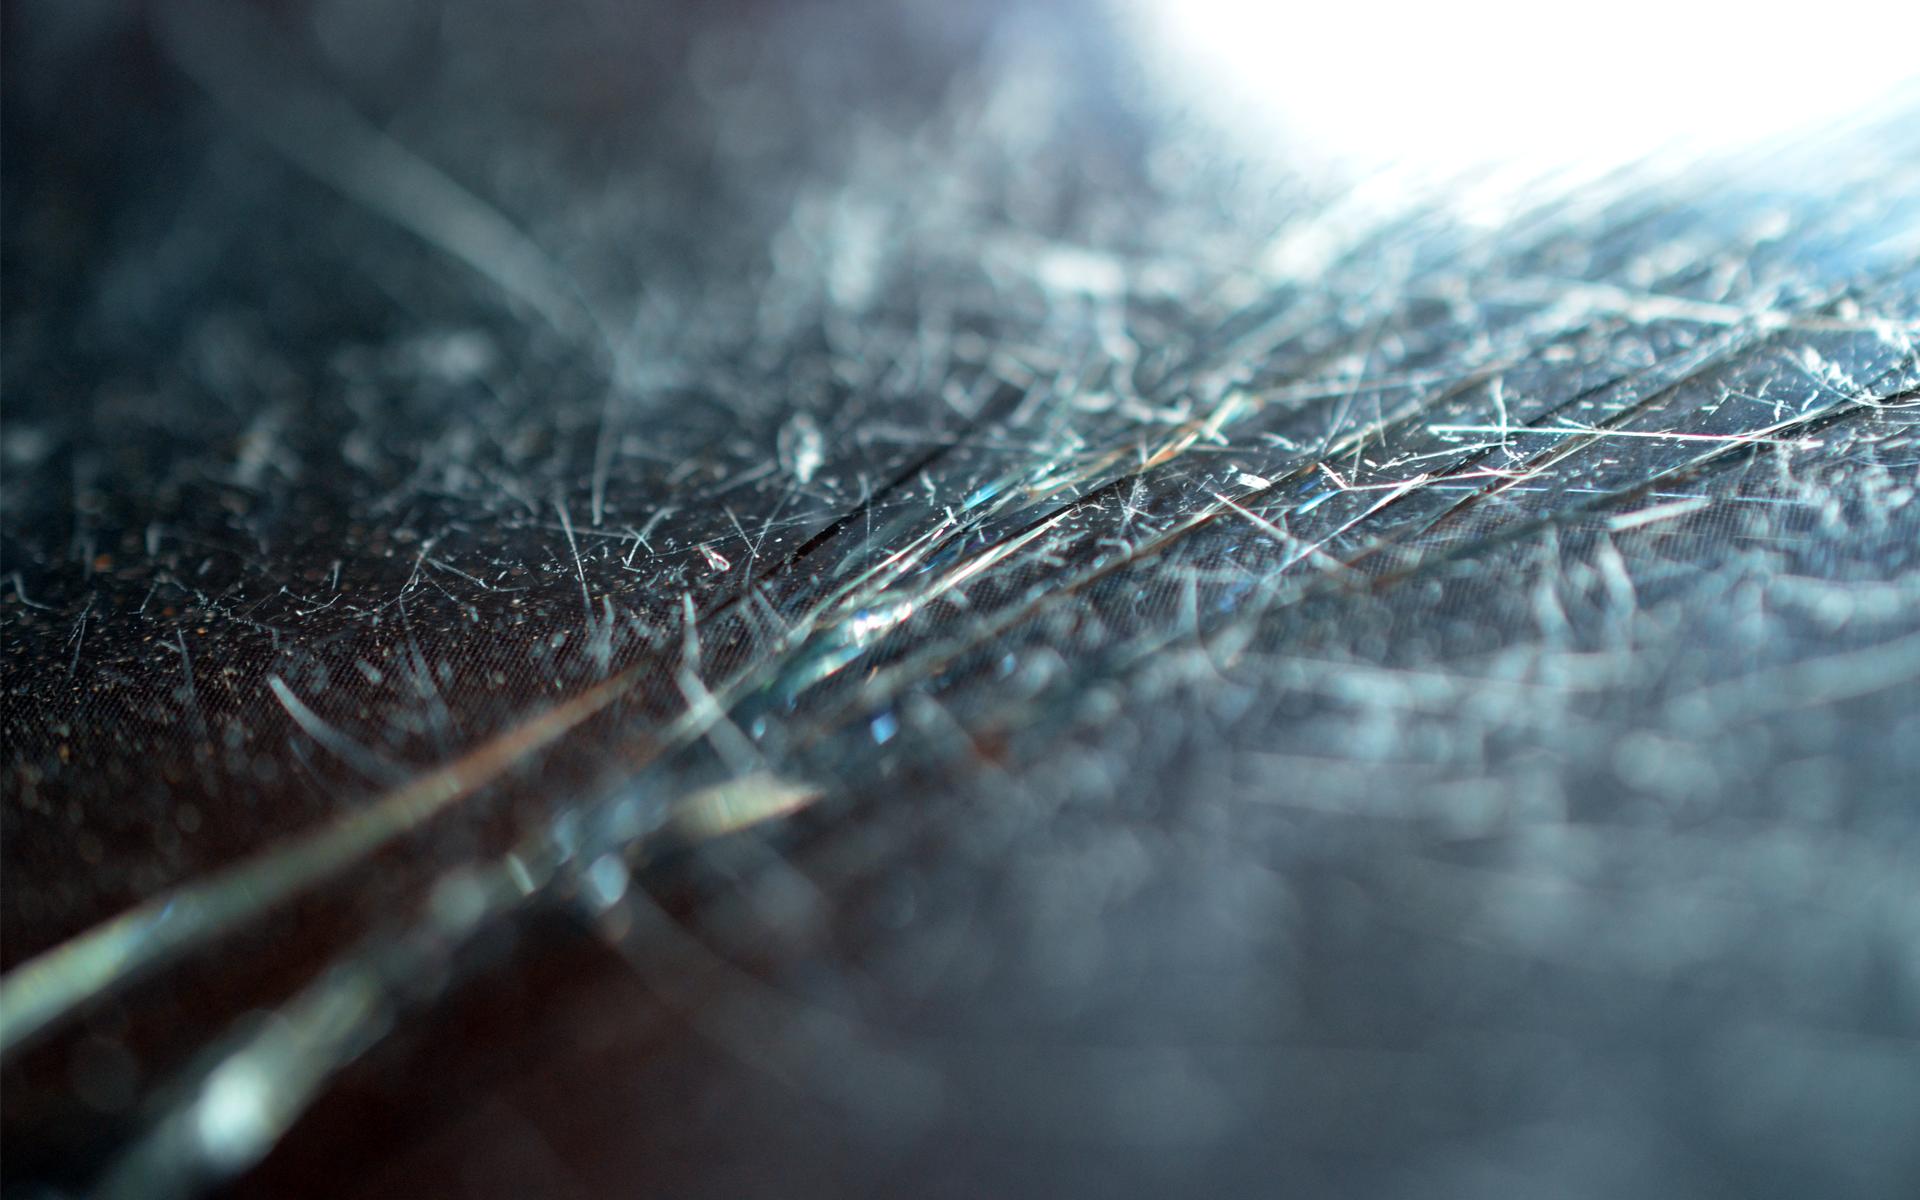 broken screen iphone macro micro blurred broken glass cracks wallpaper 1920x1200